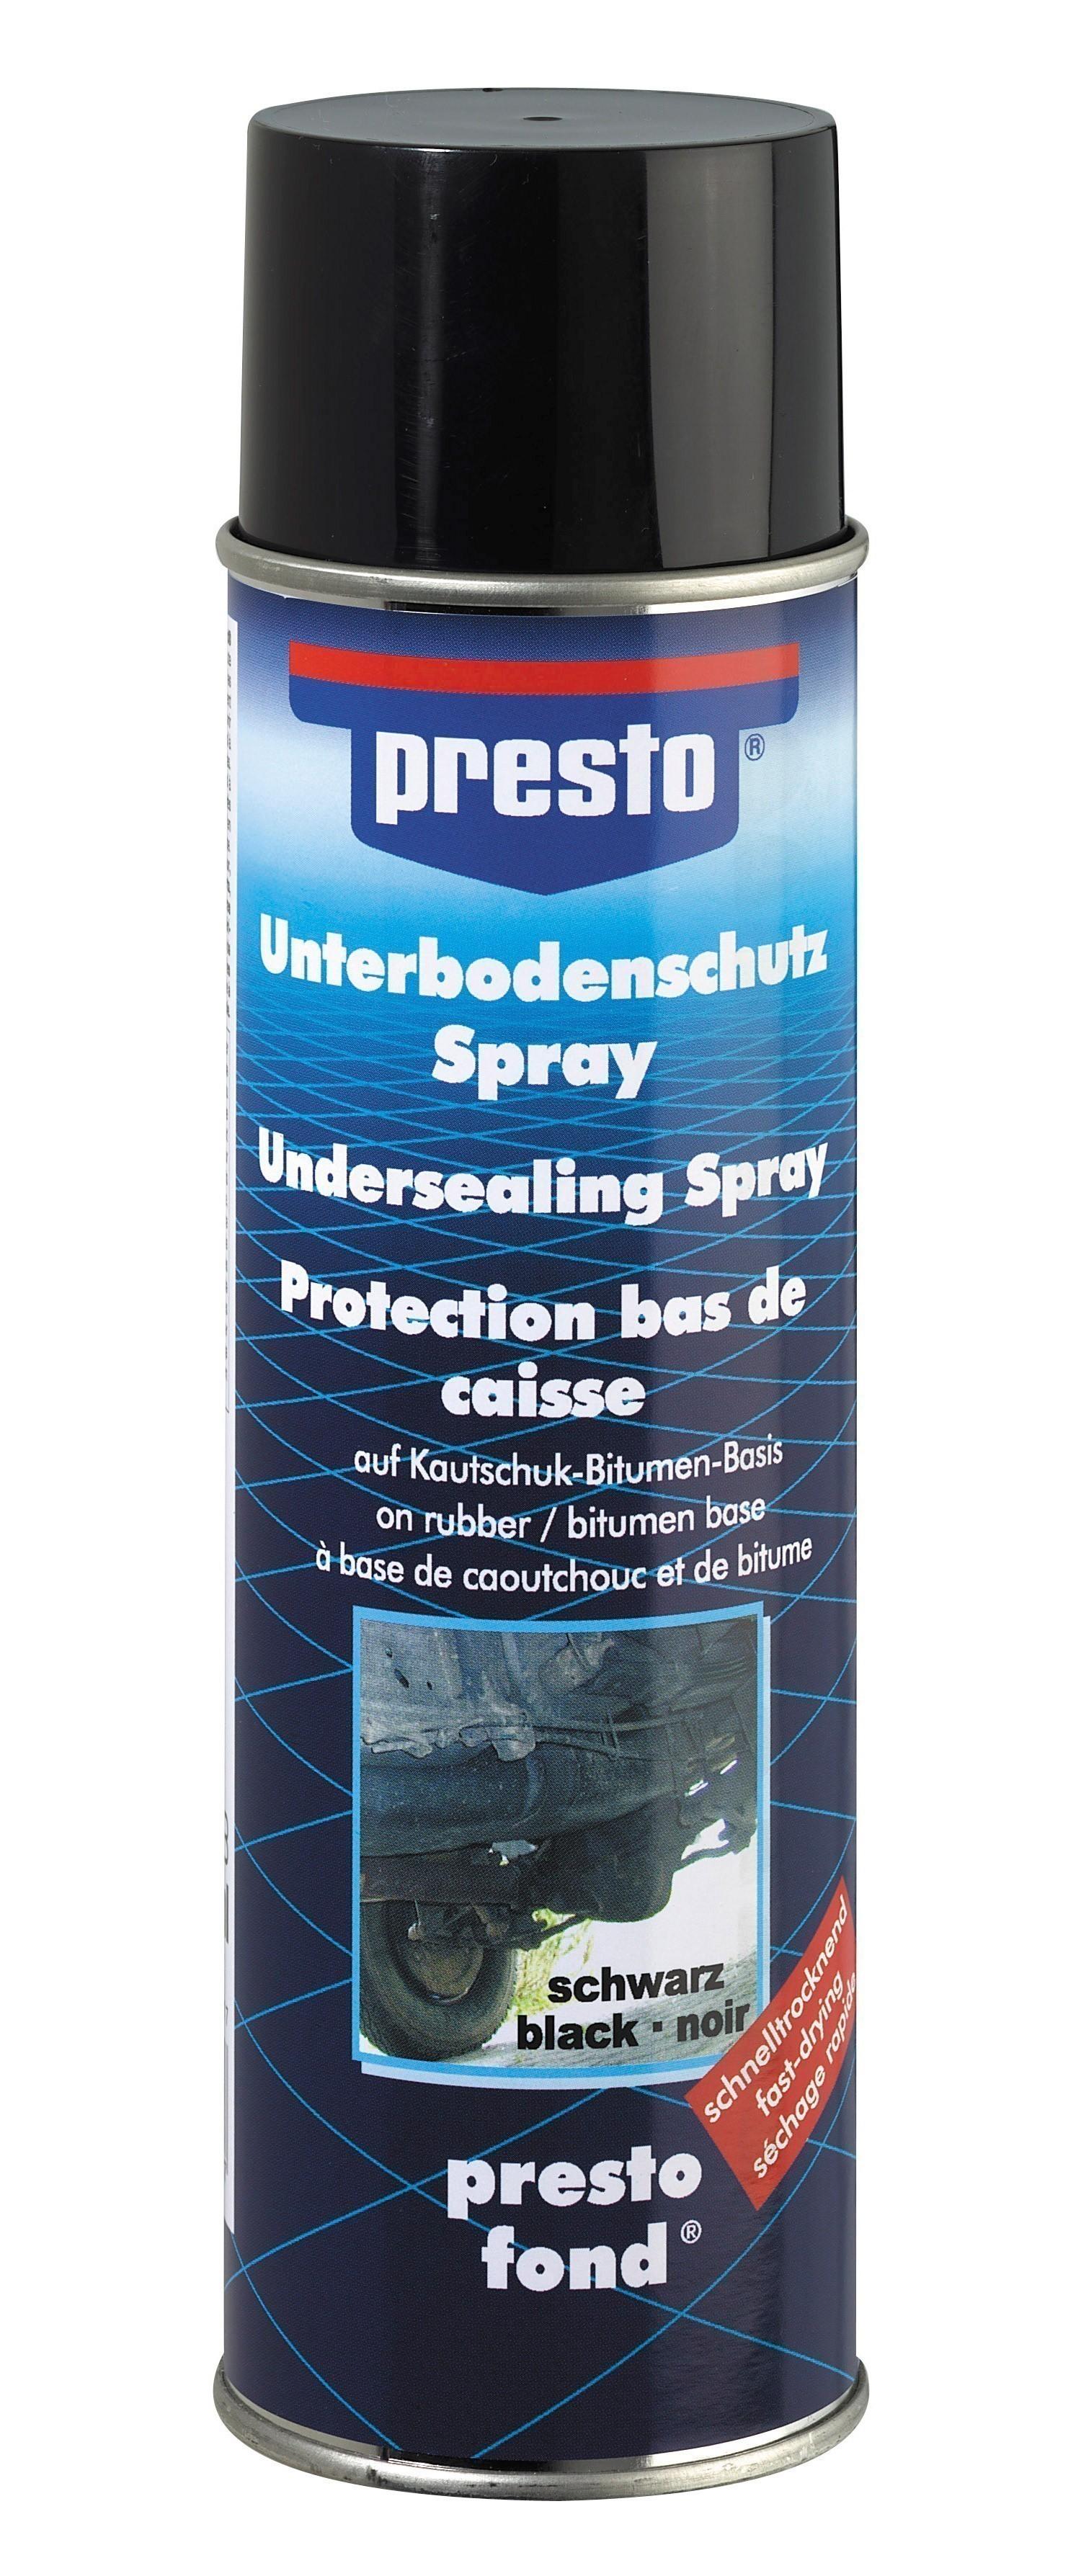 Presto Unterbodenschutz Bitumen Spray 500 ml Bild 1